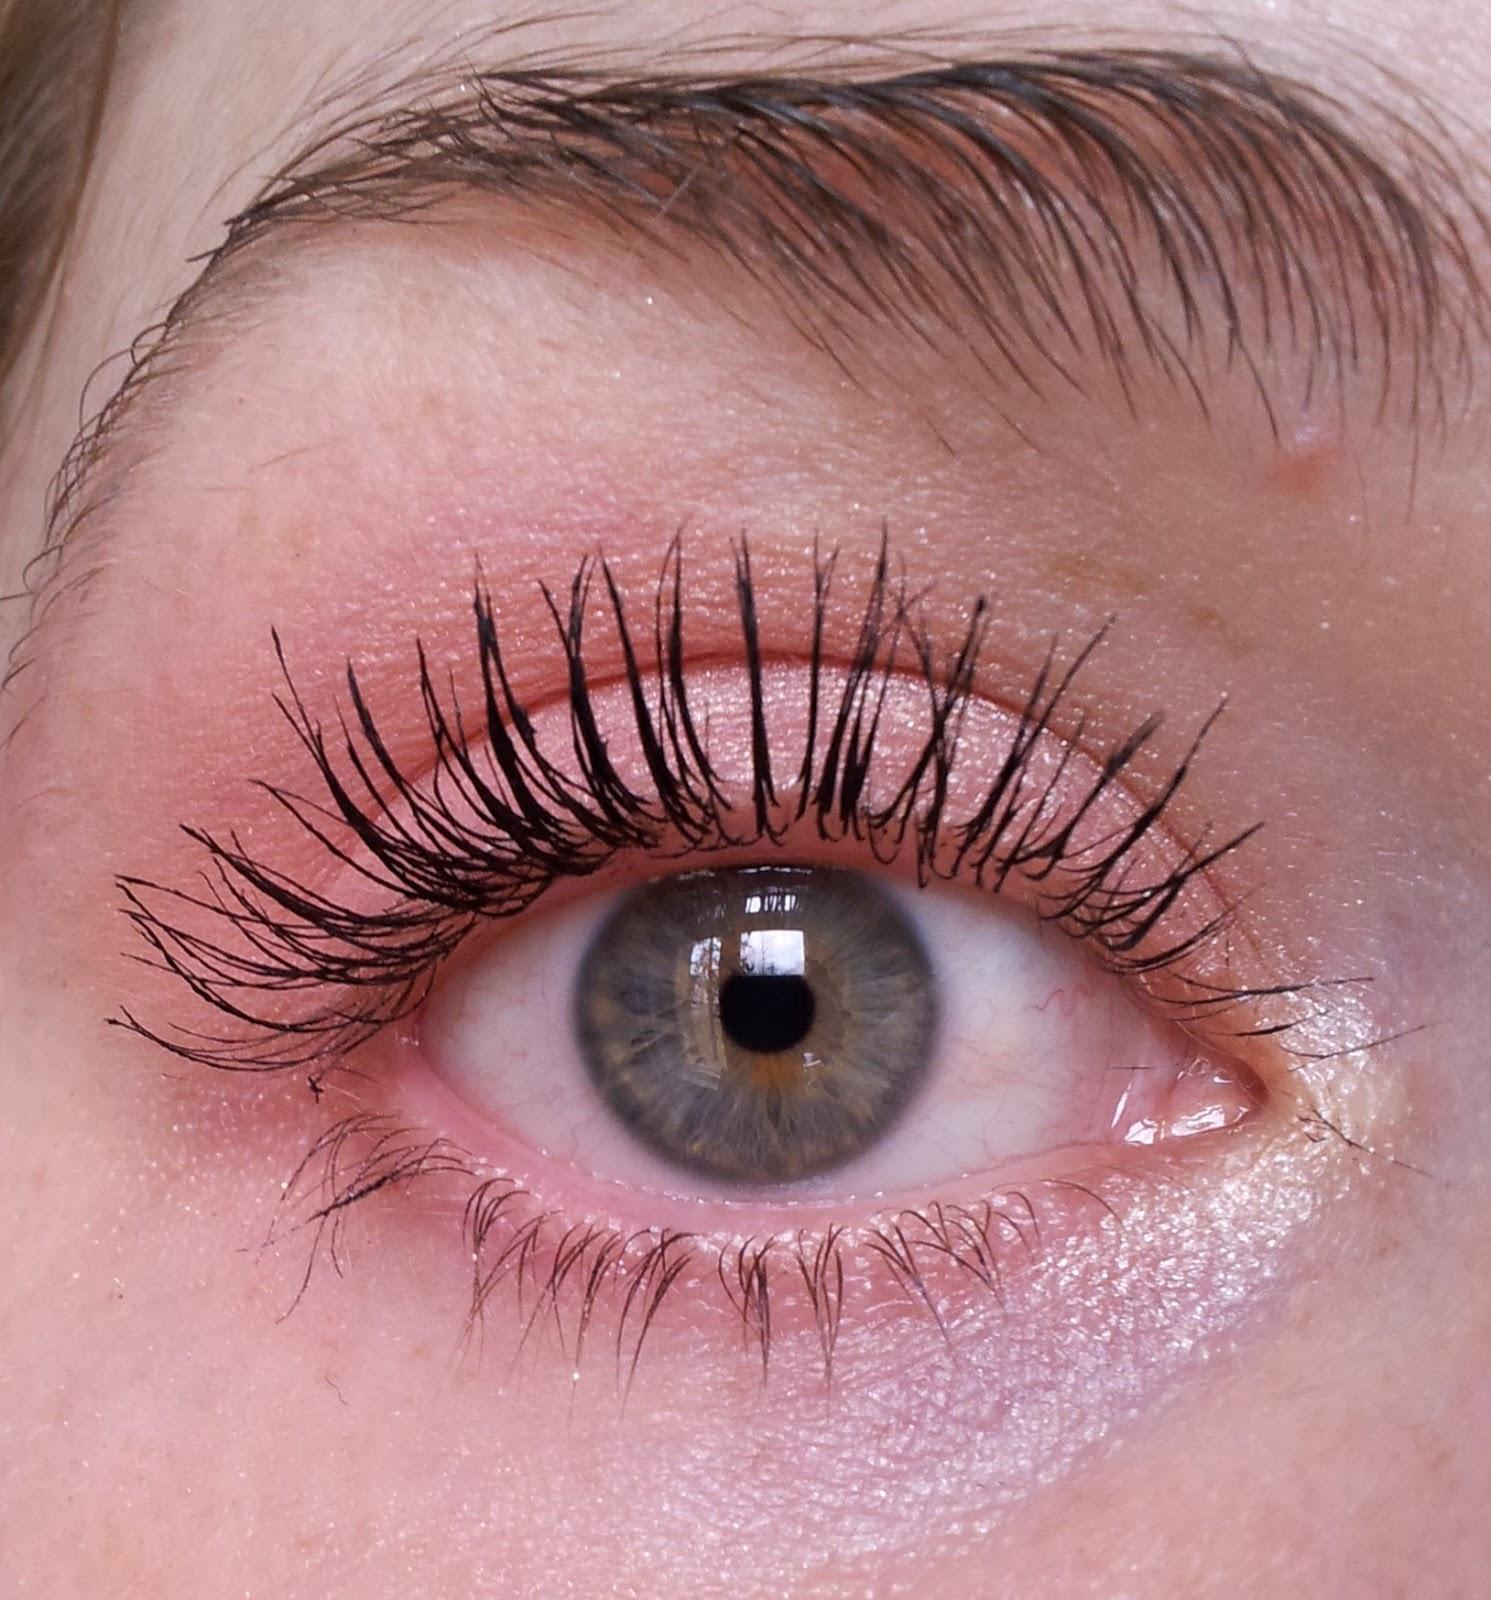 L'Oréal: Volume million lashes excess